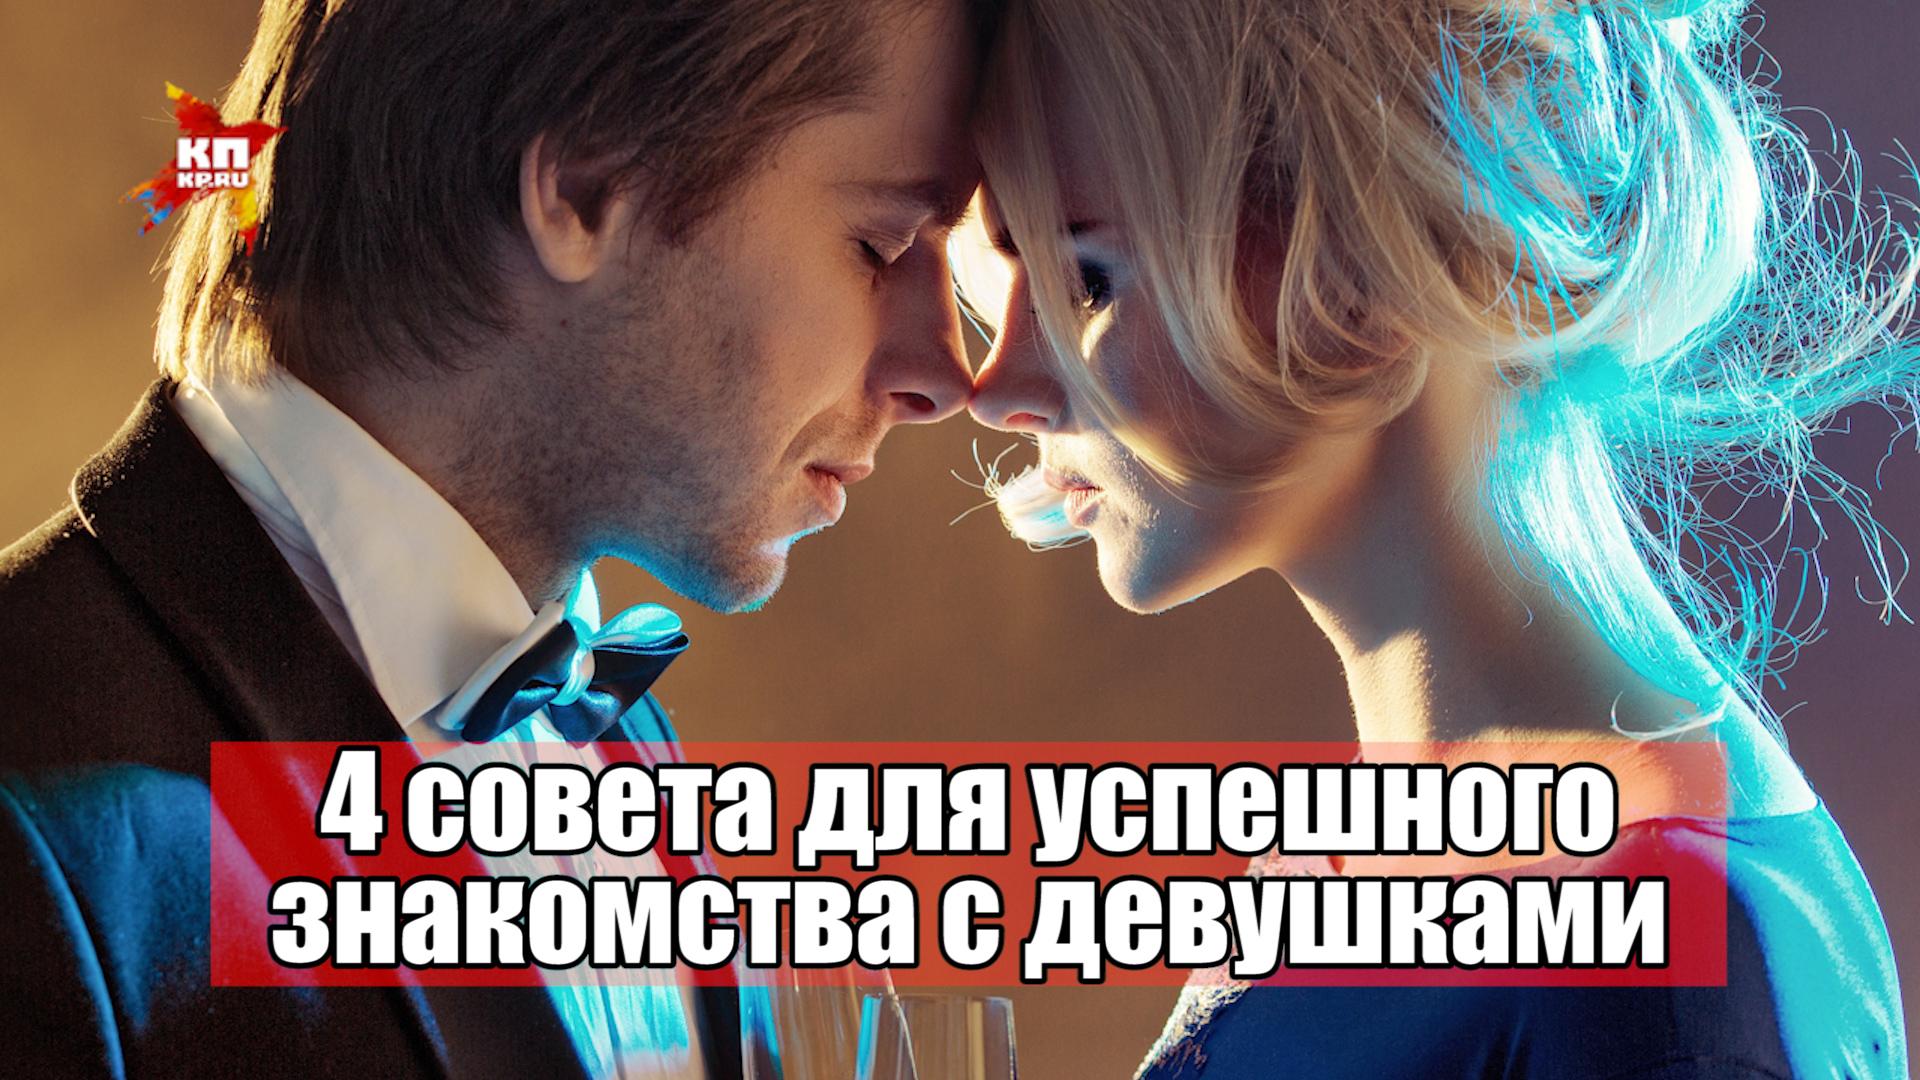 анюта знакомства новосибирск